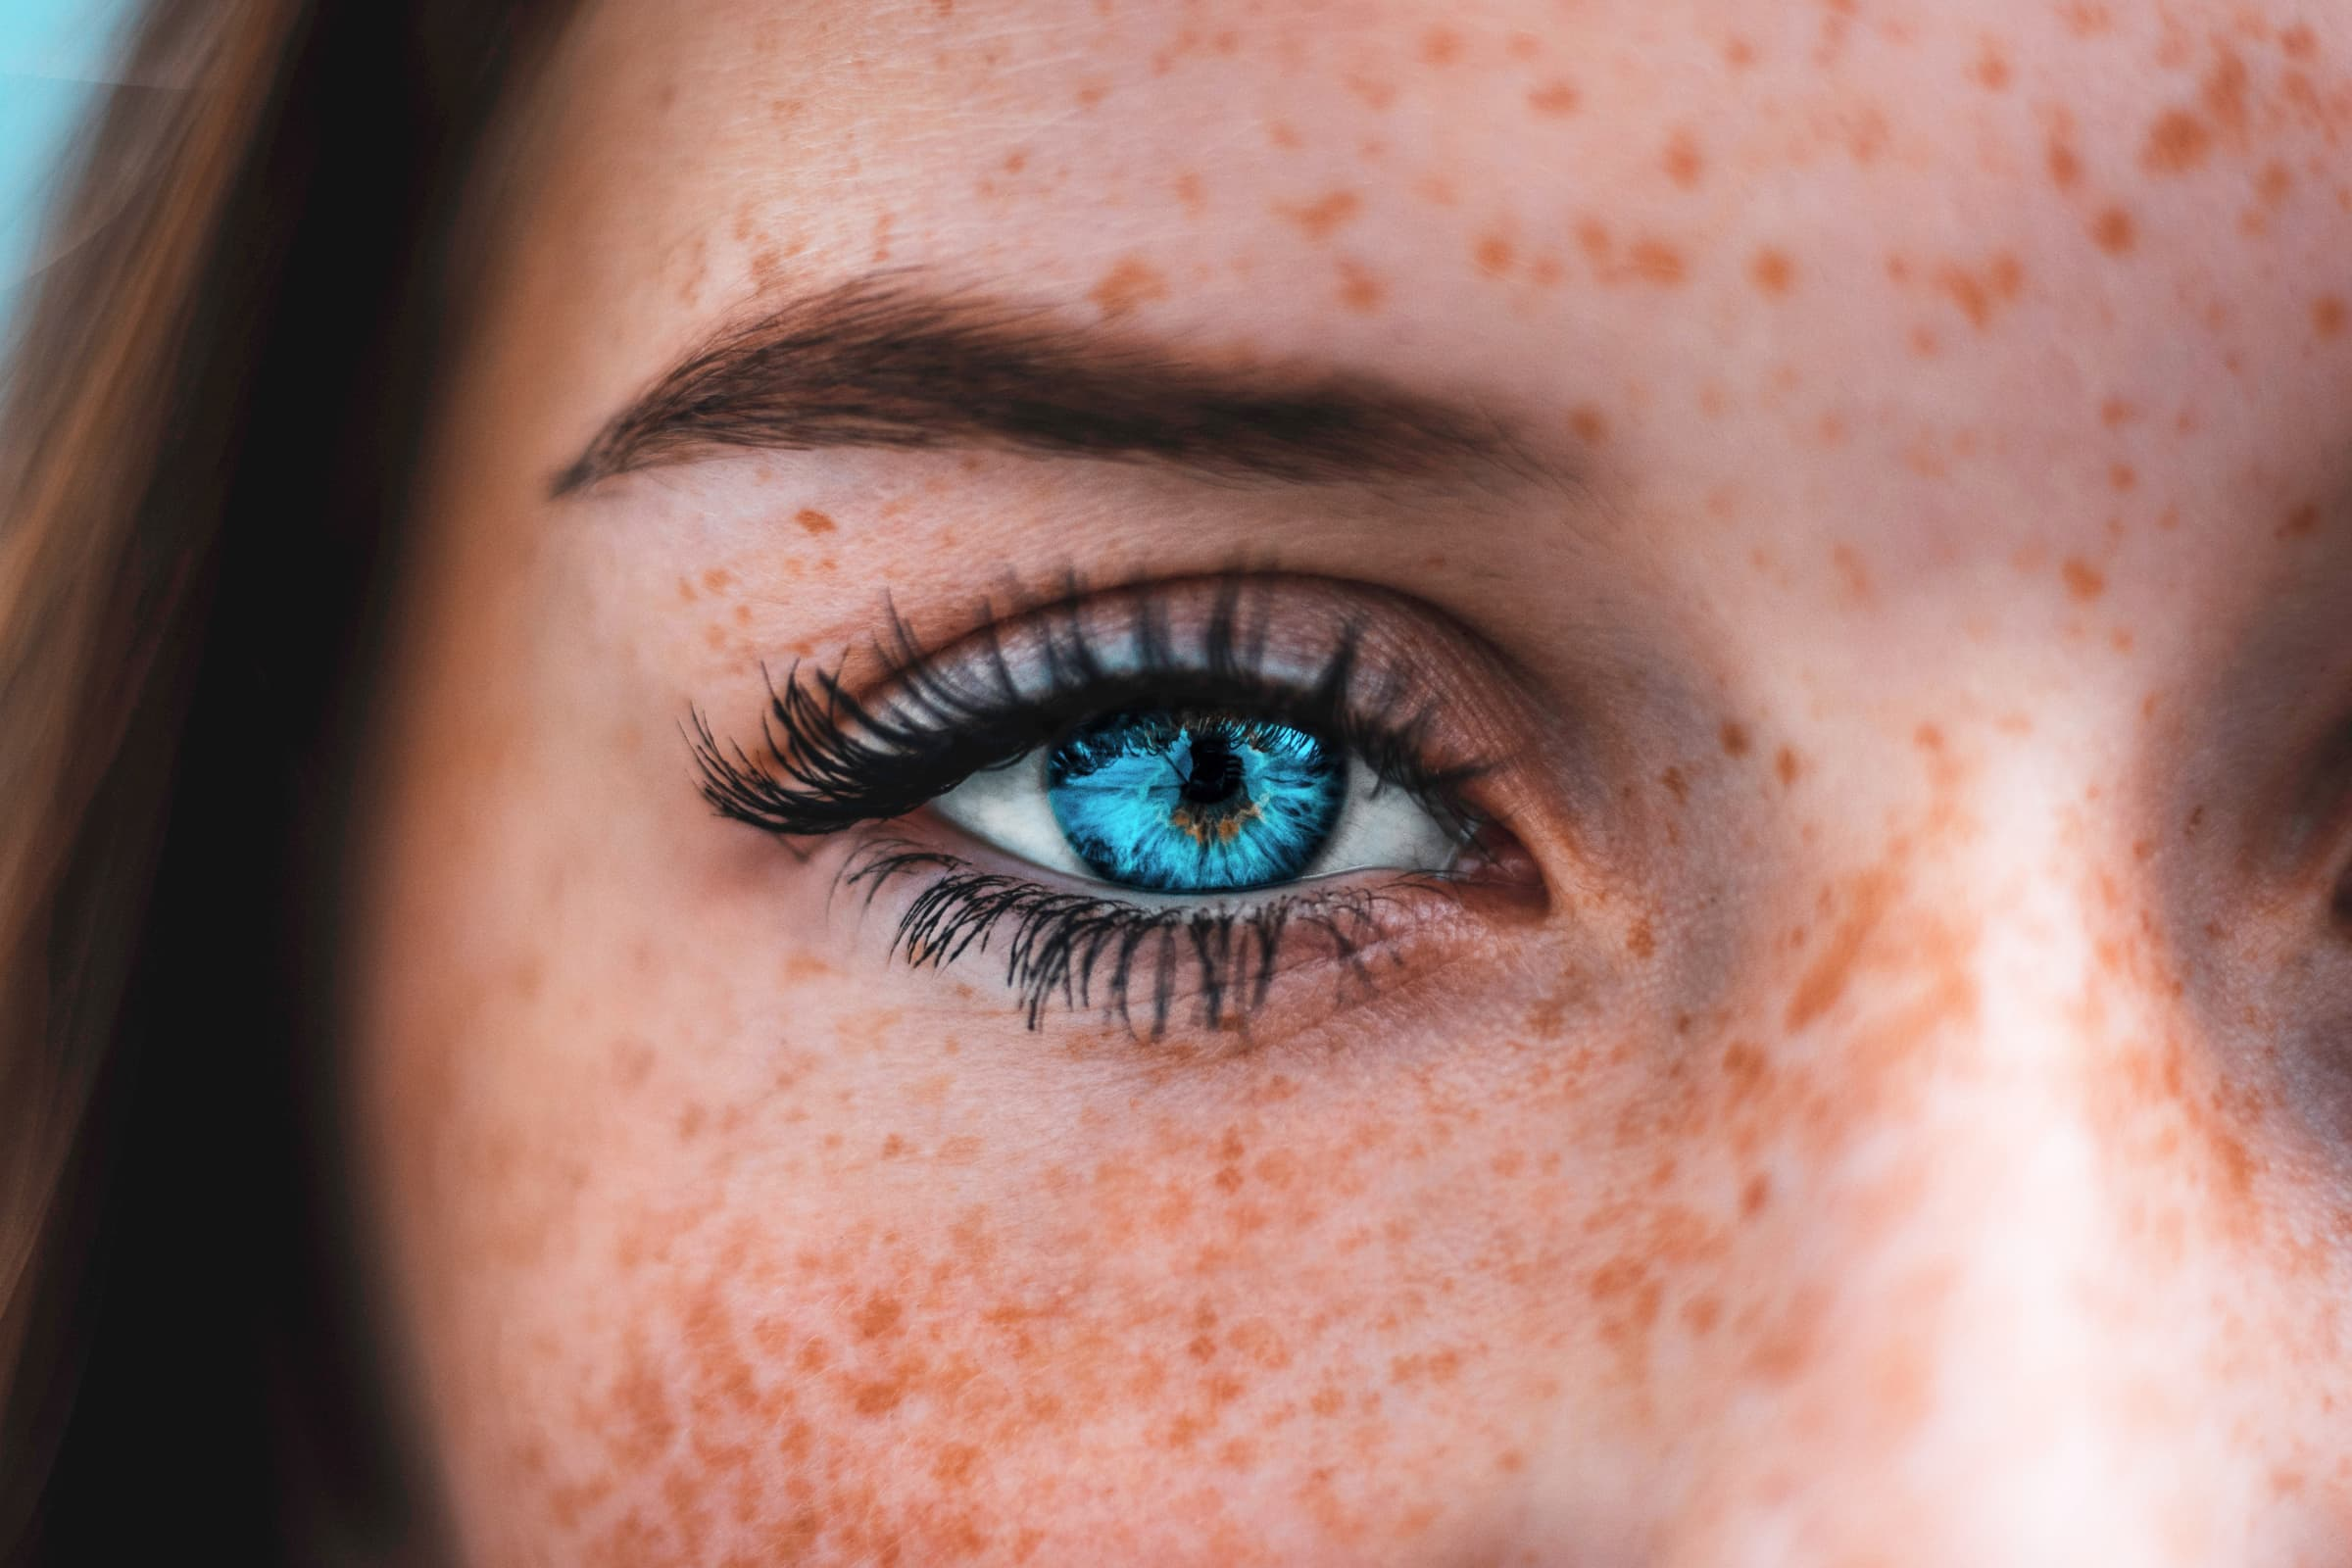 Kontaktlinse verloren im auge